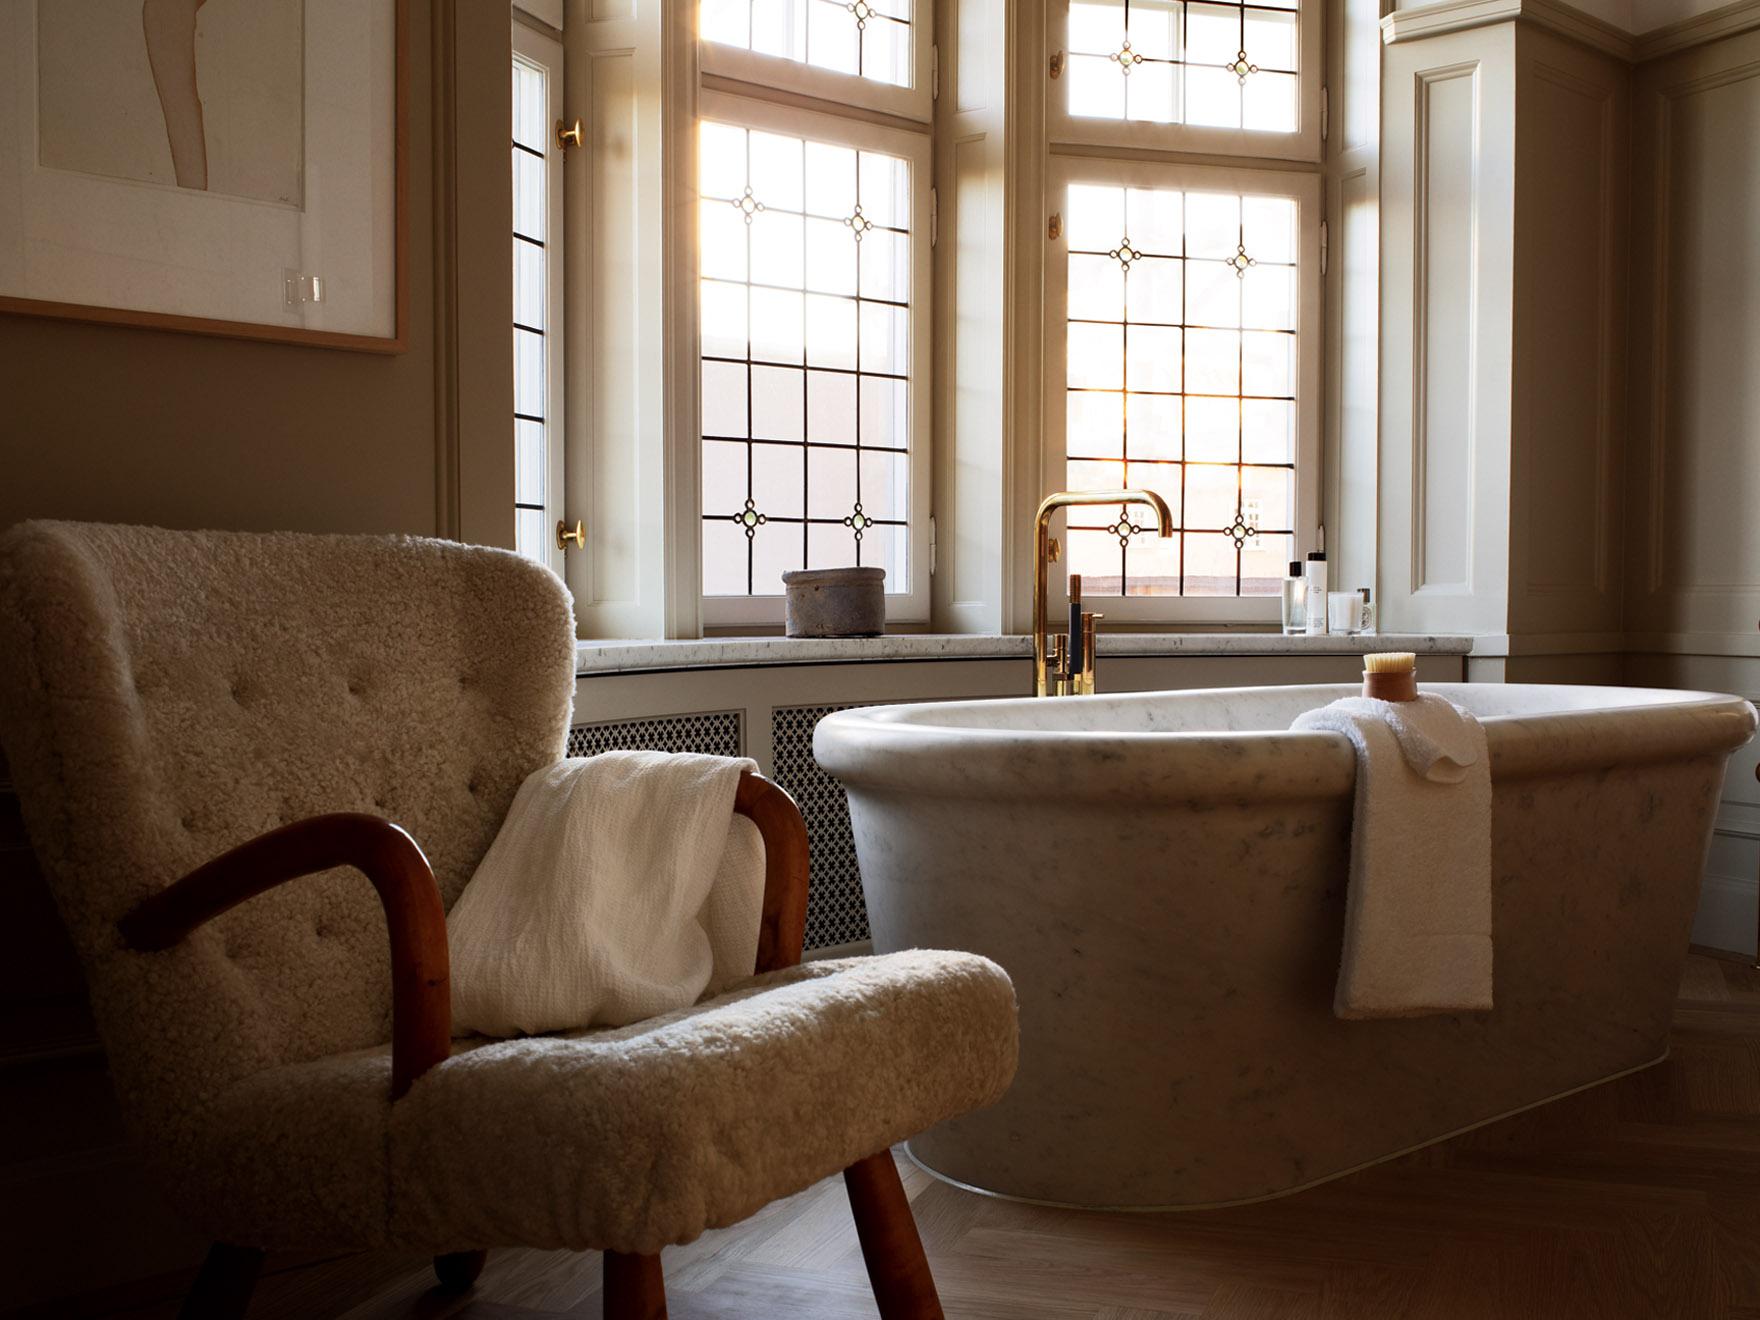 Дизайн ванной комнаты с окном в частном доме